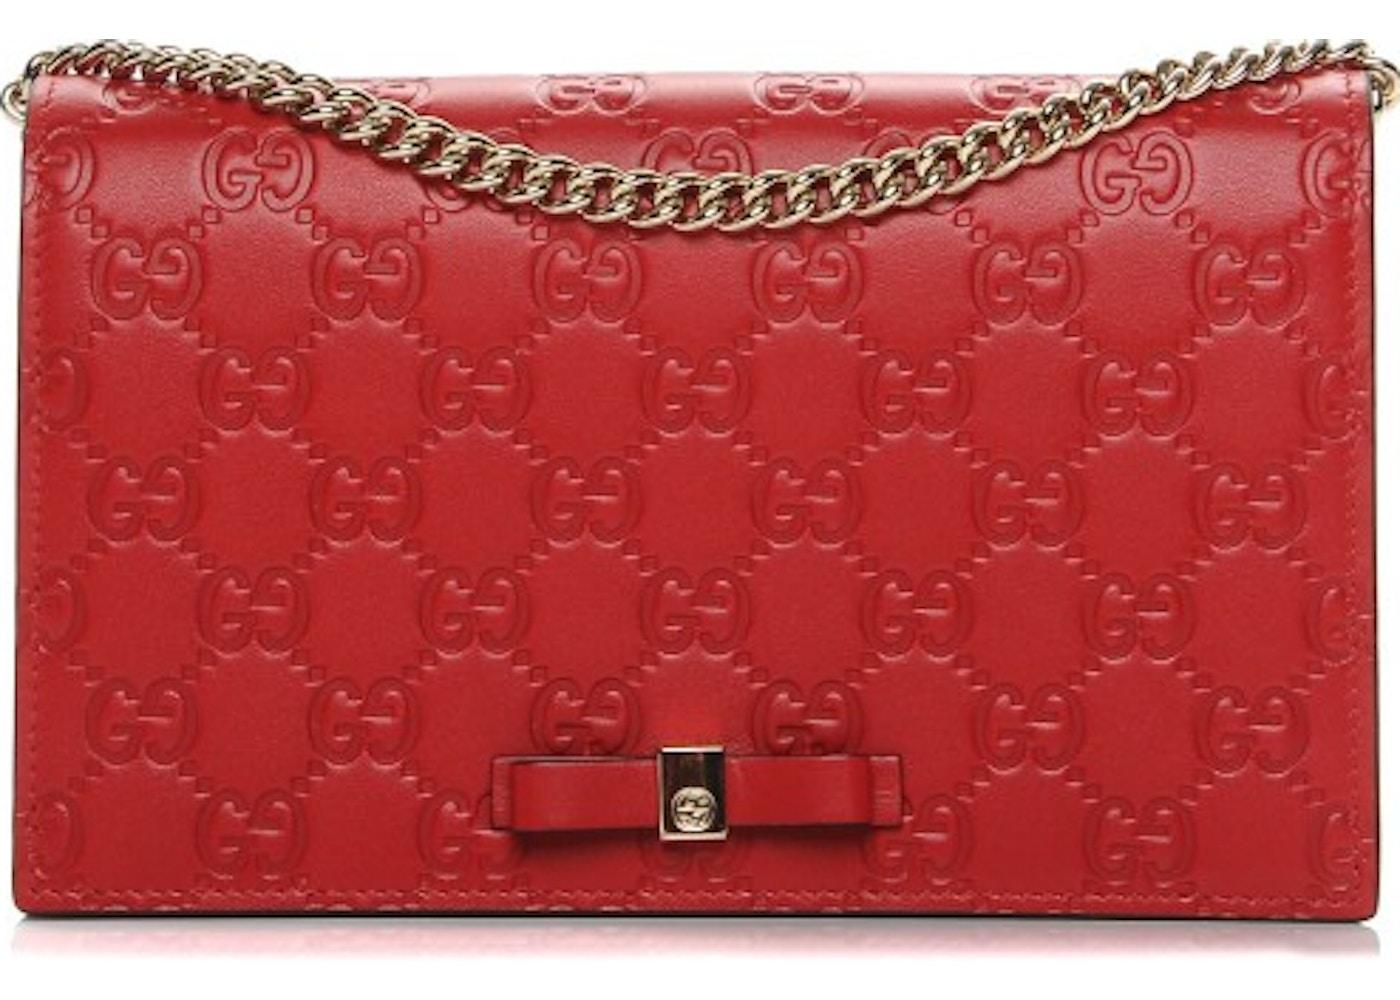 ae6b5a881 Gucci Signature Shoulder Bag Monogram Guccissima Mini Red. Monogram  Guccissima Mini Red